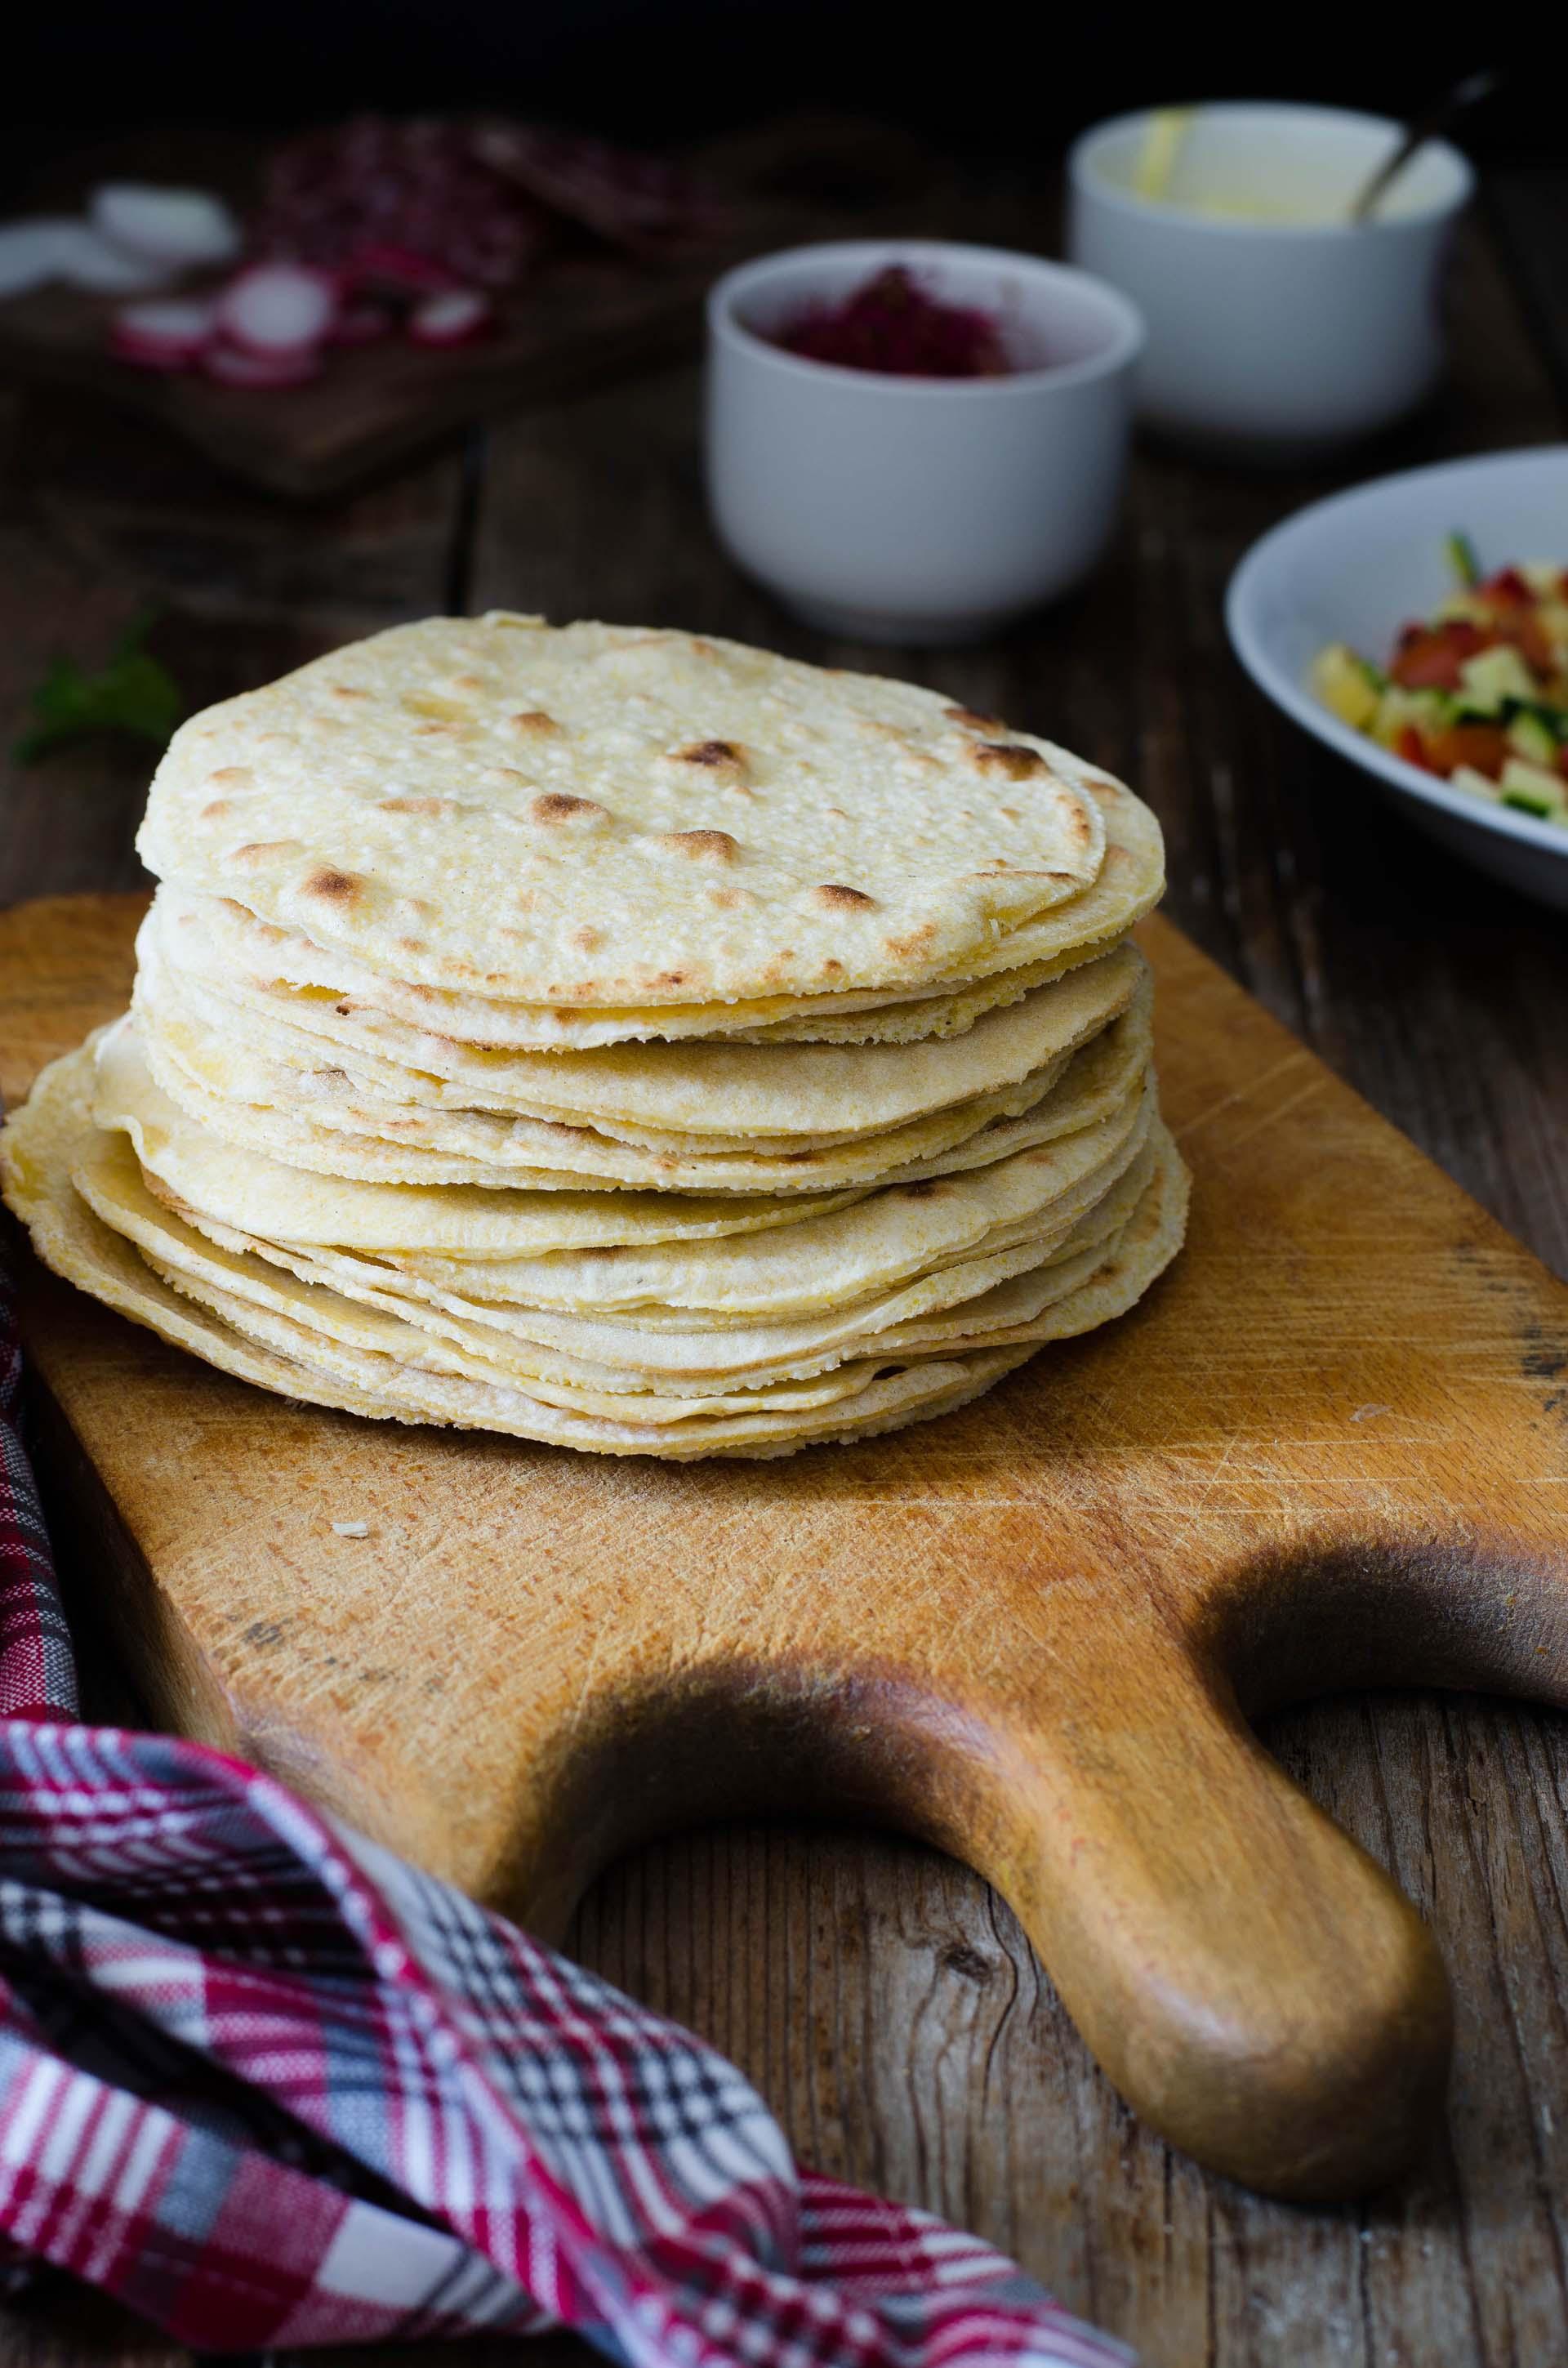 tacos_contest_clai1 Tacos con salame Amarcord per il contest CLAI